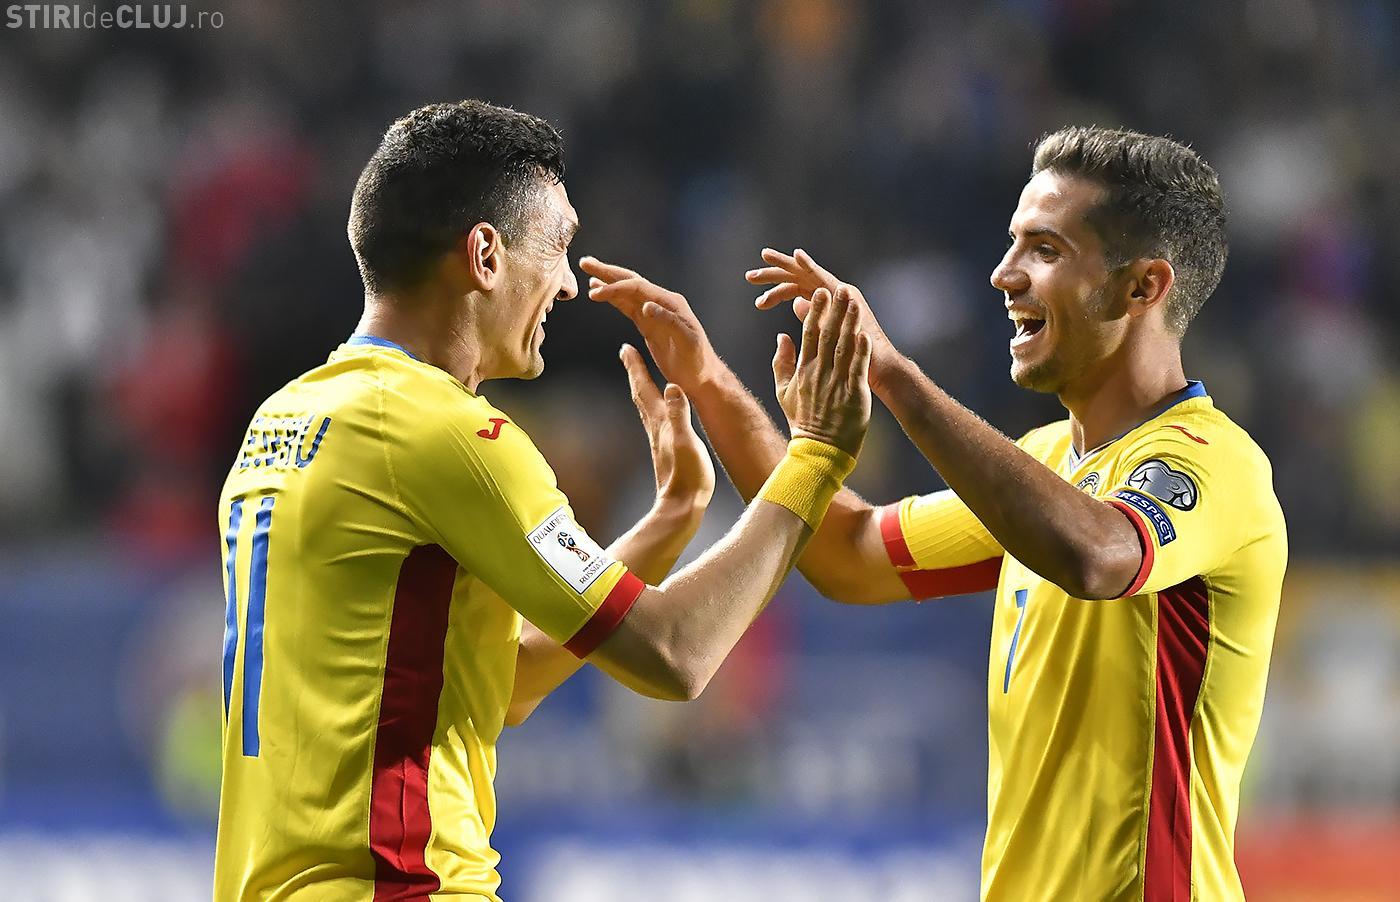 Naționala României ar putea juca din nou la Cluj. Vor întâlni selecționata Turciei, antrenată de Mircea Lucescu